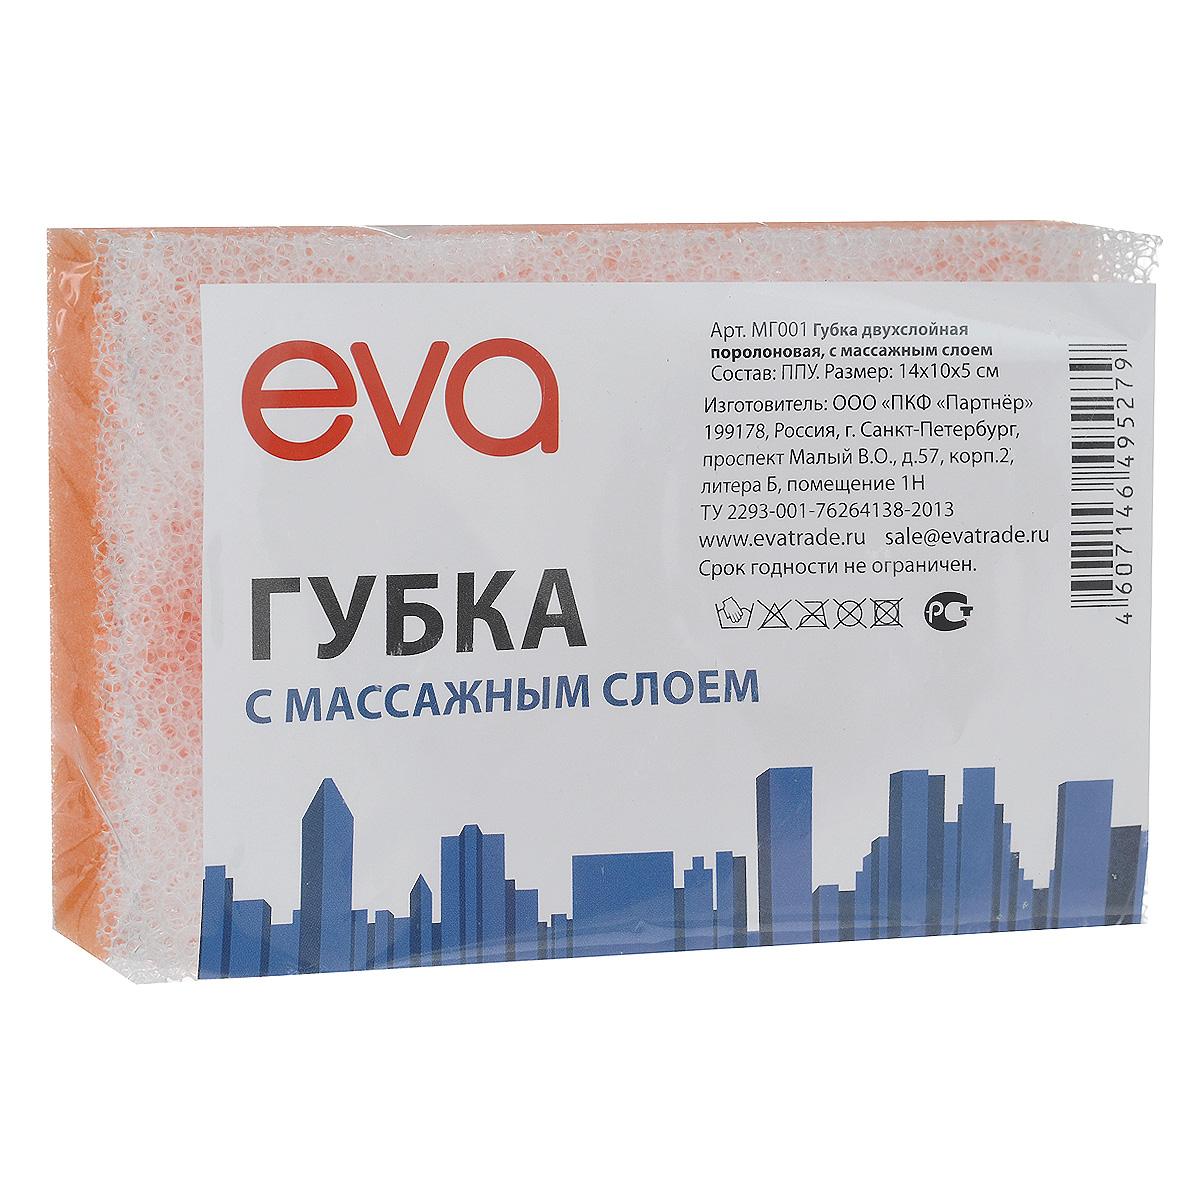 Губка для тела Eva, с массажным слоем, цвет: оранжевый35004_зеленыйГубка для тела Eva изготовлена из пенополиуретана и оснащена массажным слоем. Губку можно использовать в ванной, в бане или в сауне. Она улучшает циркуляцию крови и обмен веществ, делает кожу здоровой и красивой.Подходит для ежедневного применения.